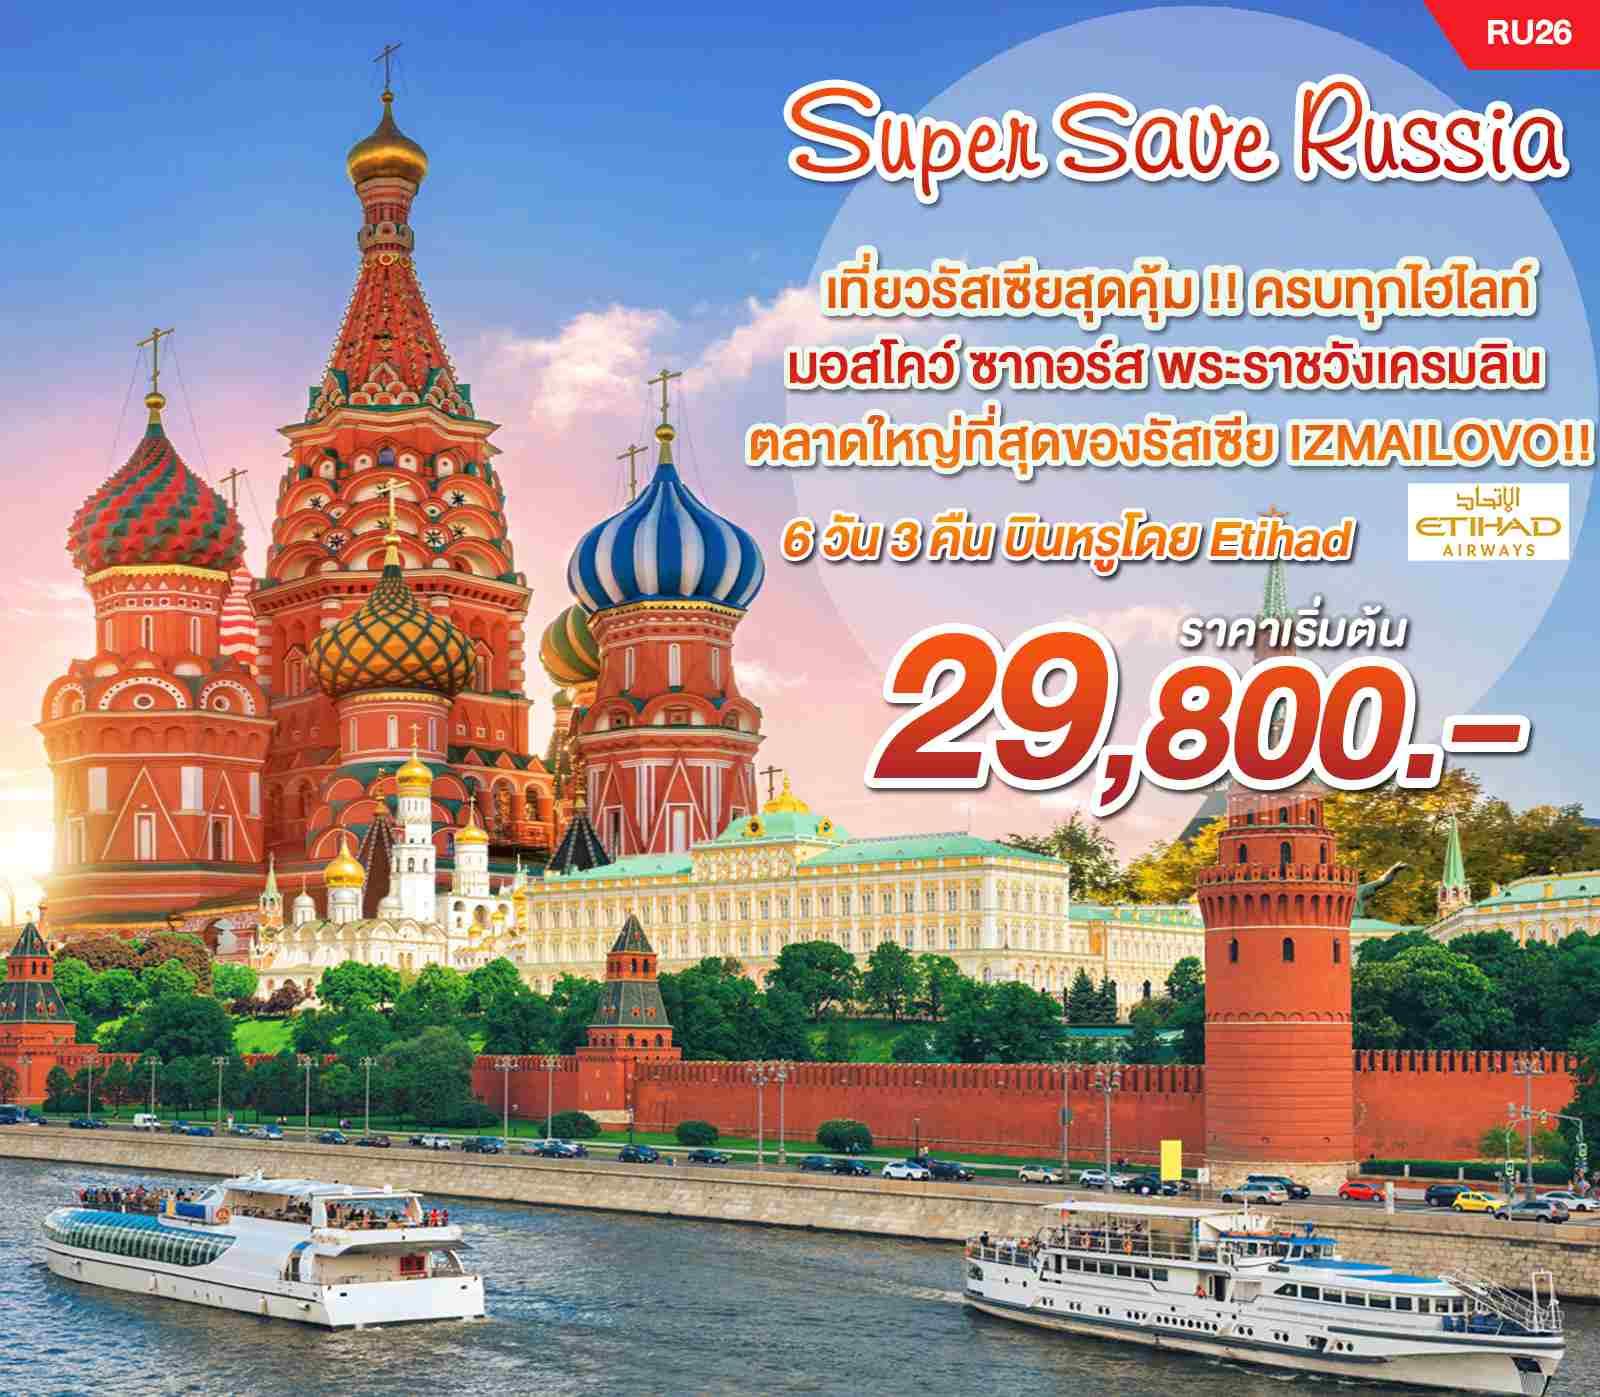 ทัวร์รัสเซีย มอสโคว์ ซากอร์ส ตลาดอิสไมโลโว่ จัตุรัสแดง 6 วัน 3 คืน โดยสายการบิน Etihad (EY)